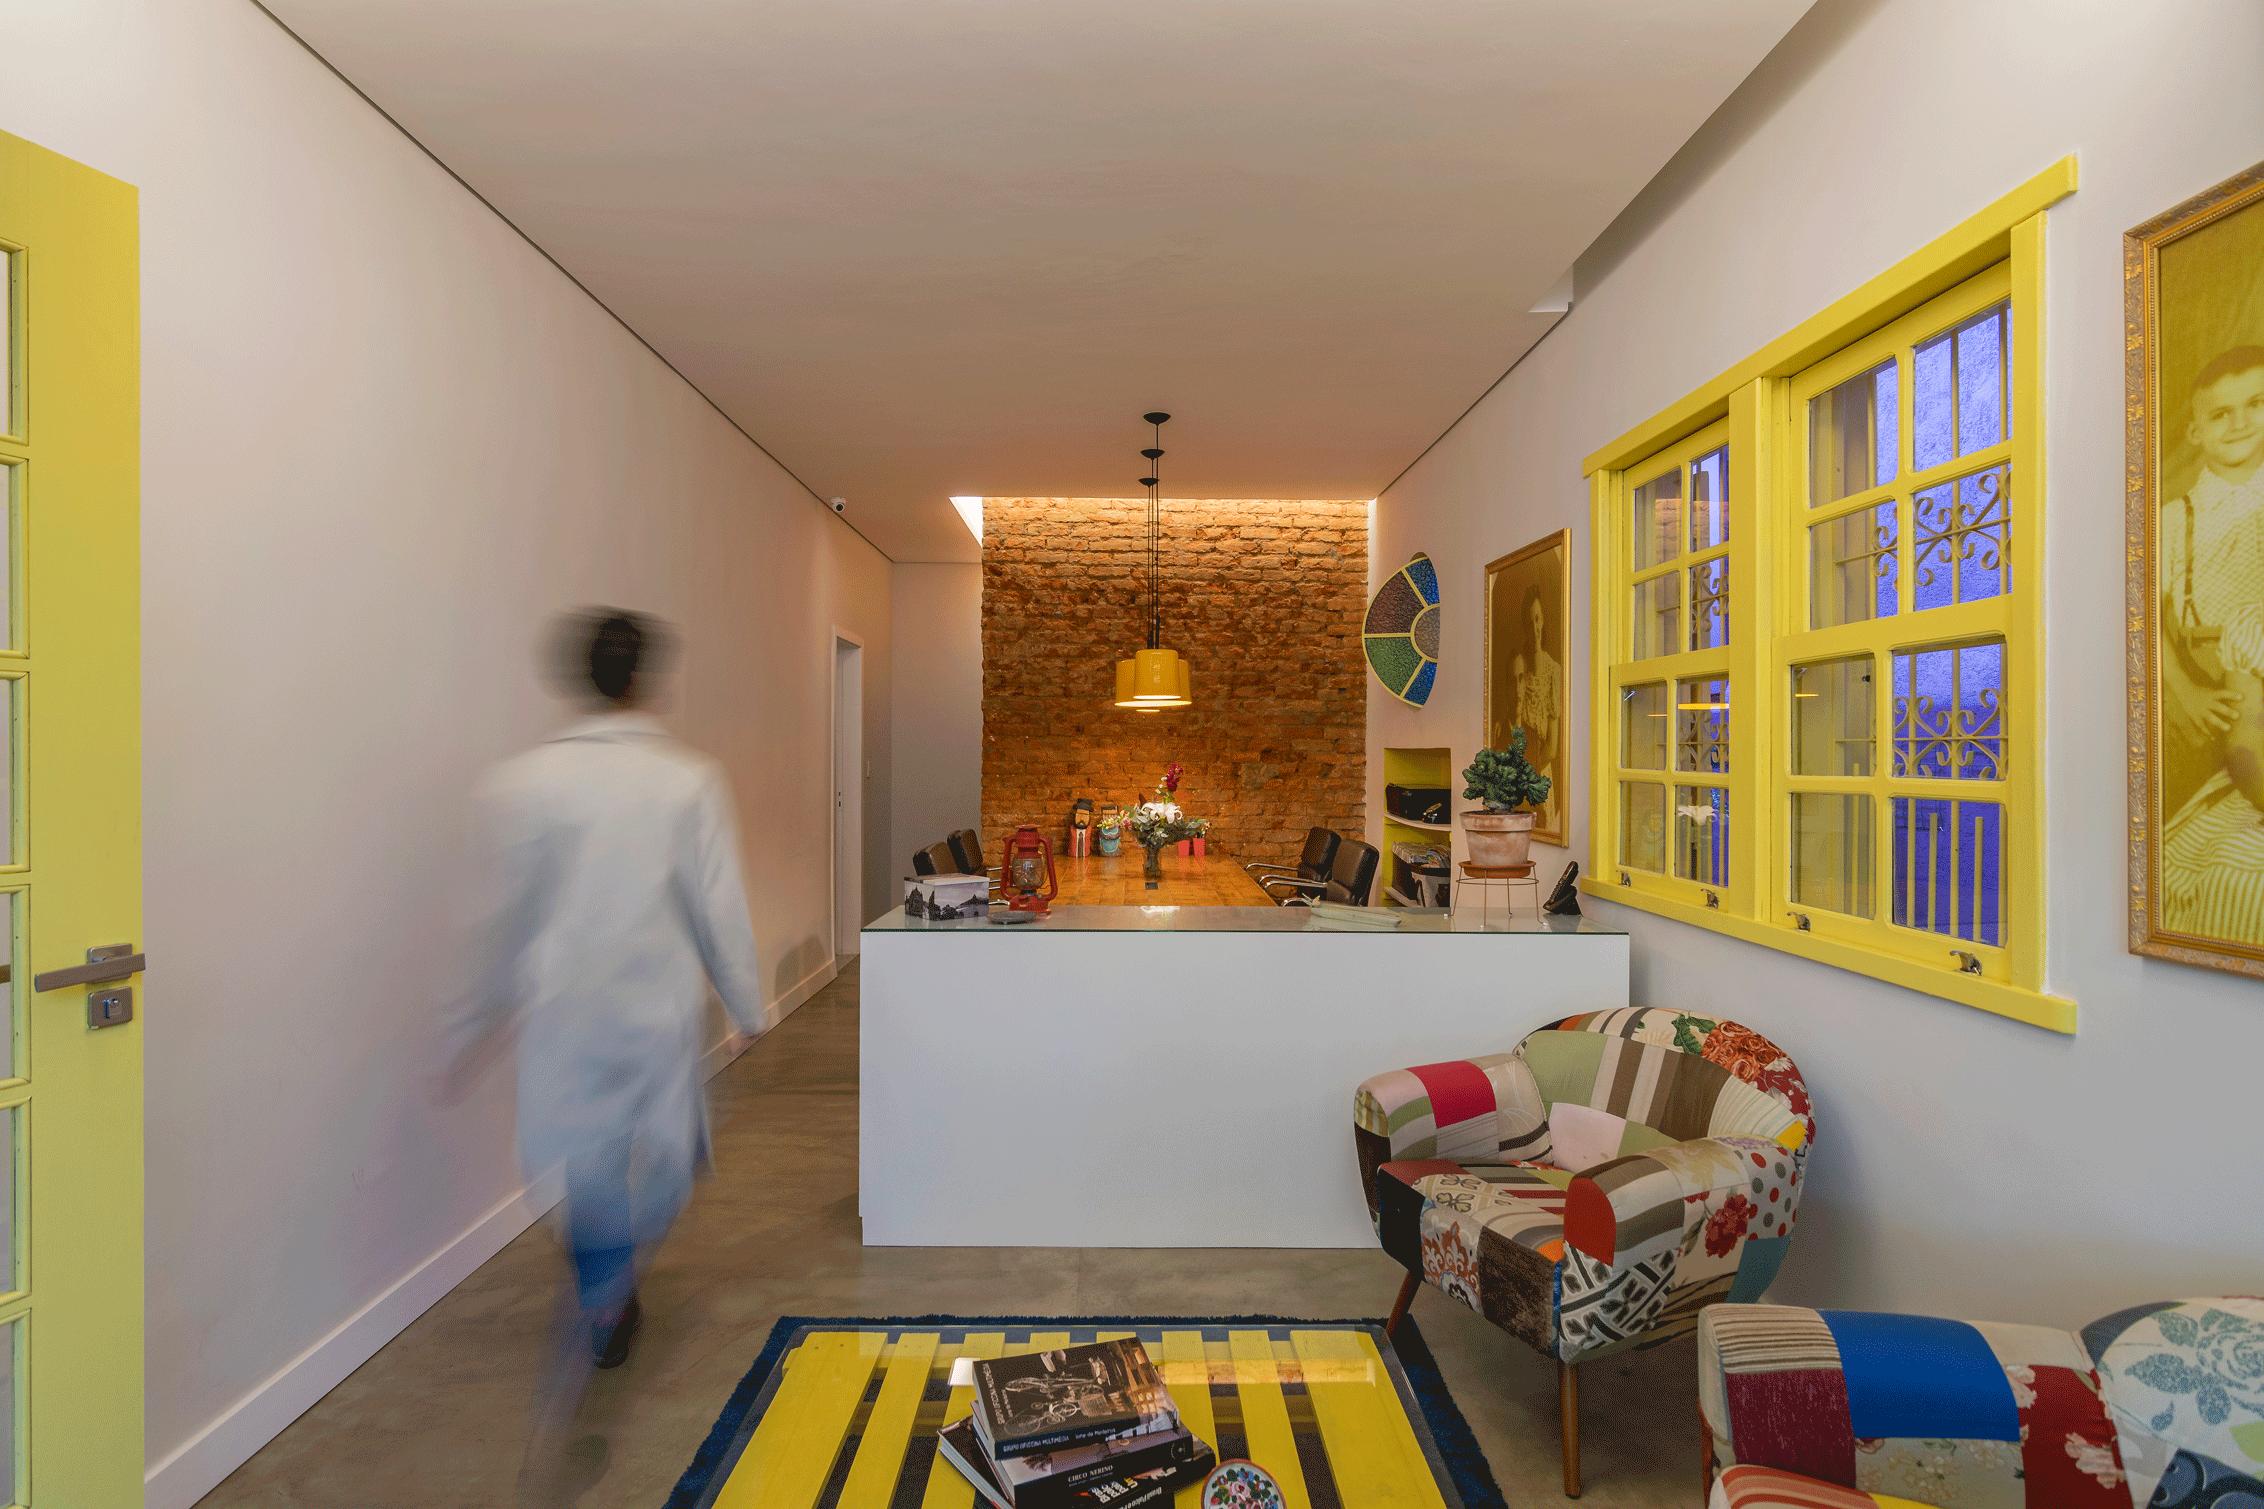 Portas e janelas pintadas em amarelo deixam o interior mais descontraído.